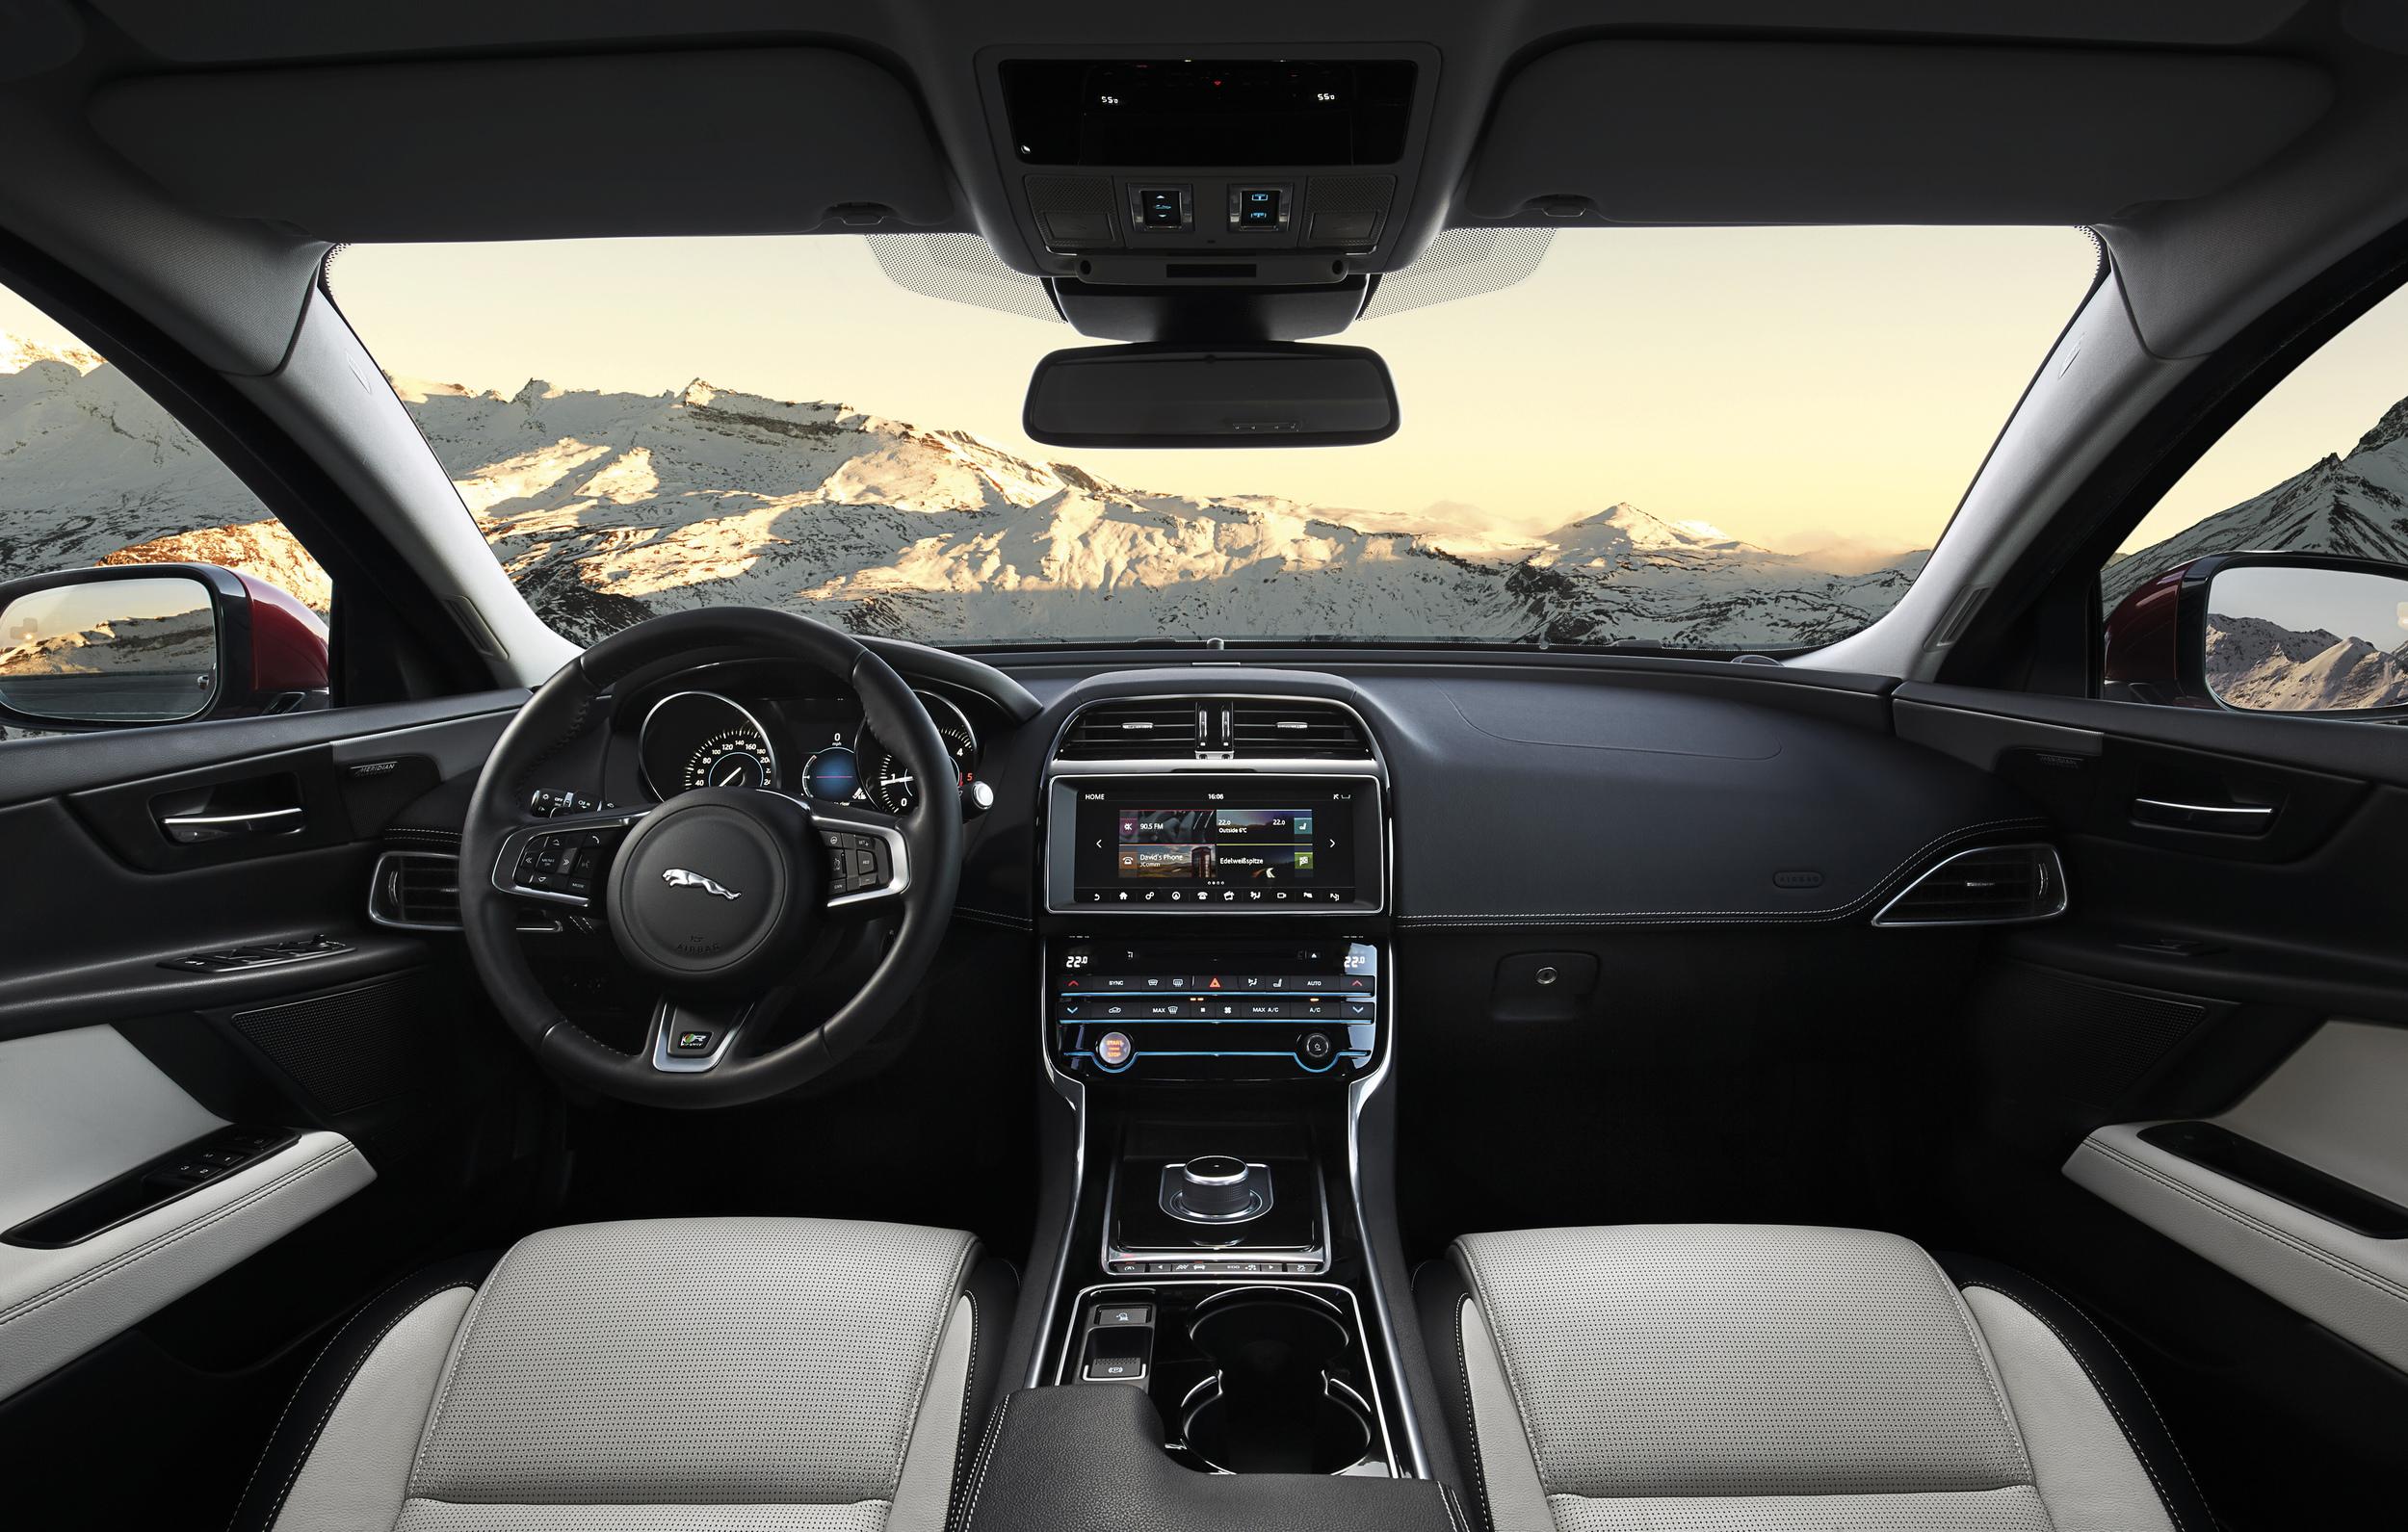 2017 jaguar xe wallpapers x auto - Best interior design websites 2017 ...